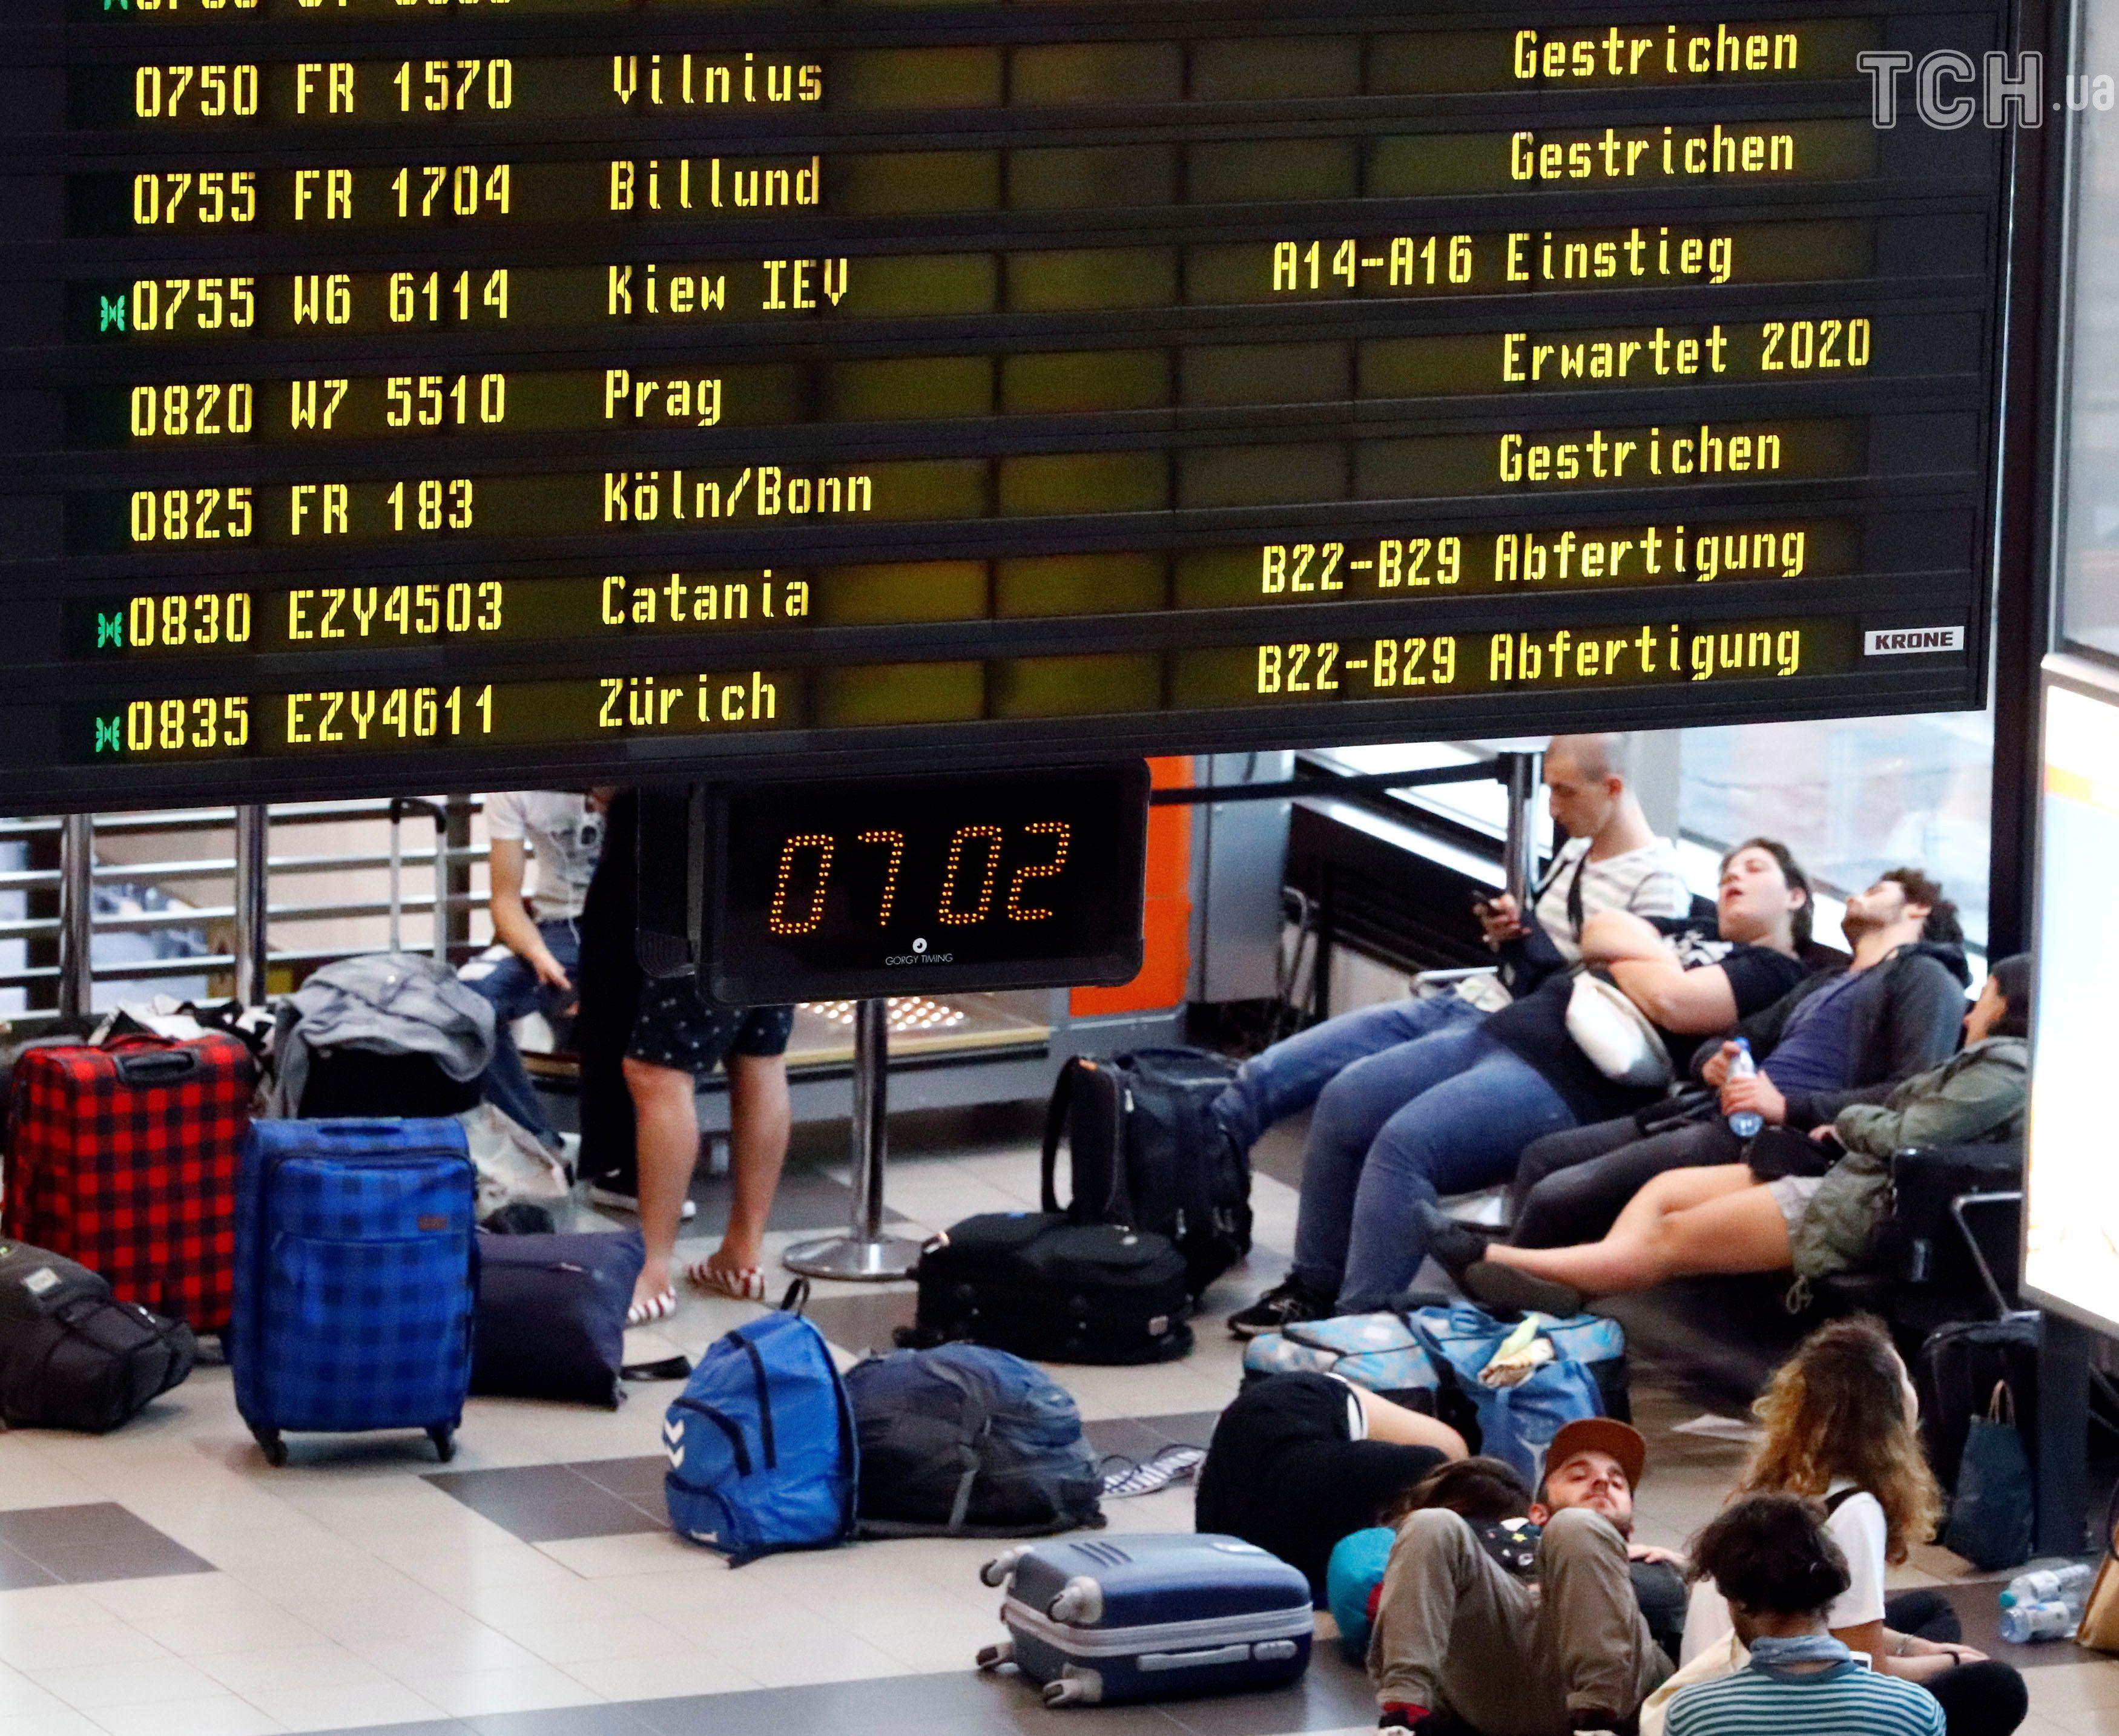 аеропорт, затримки, літак, Ryanair, скасовані рейси